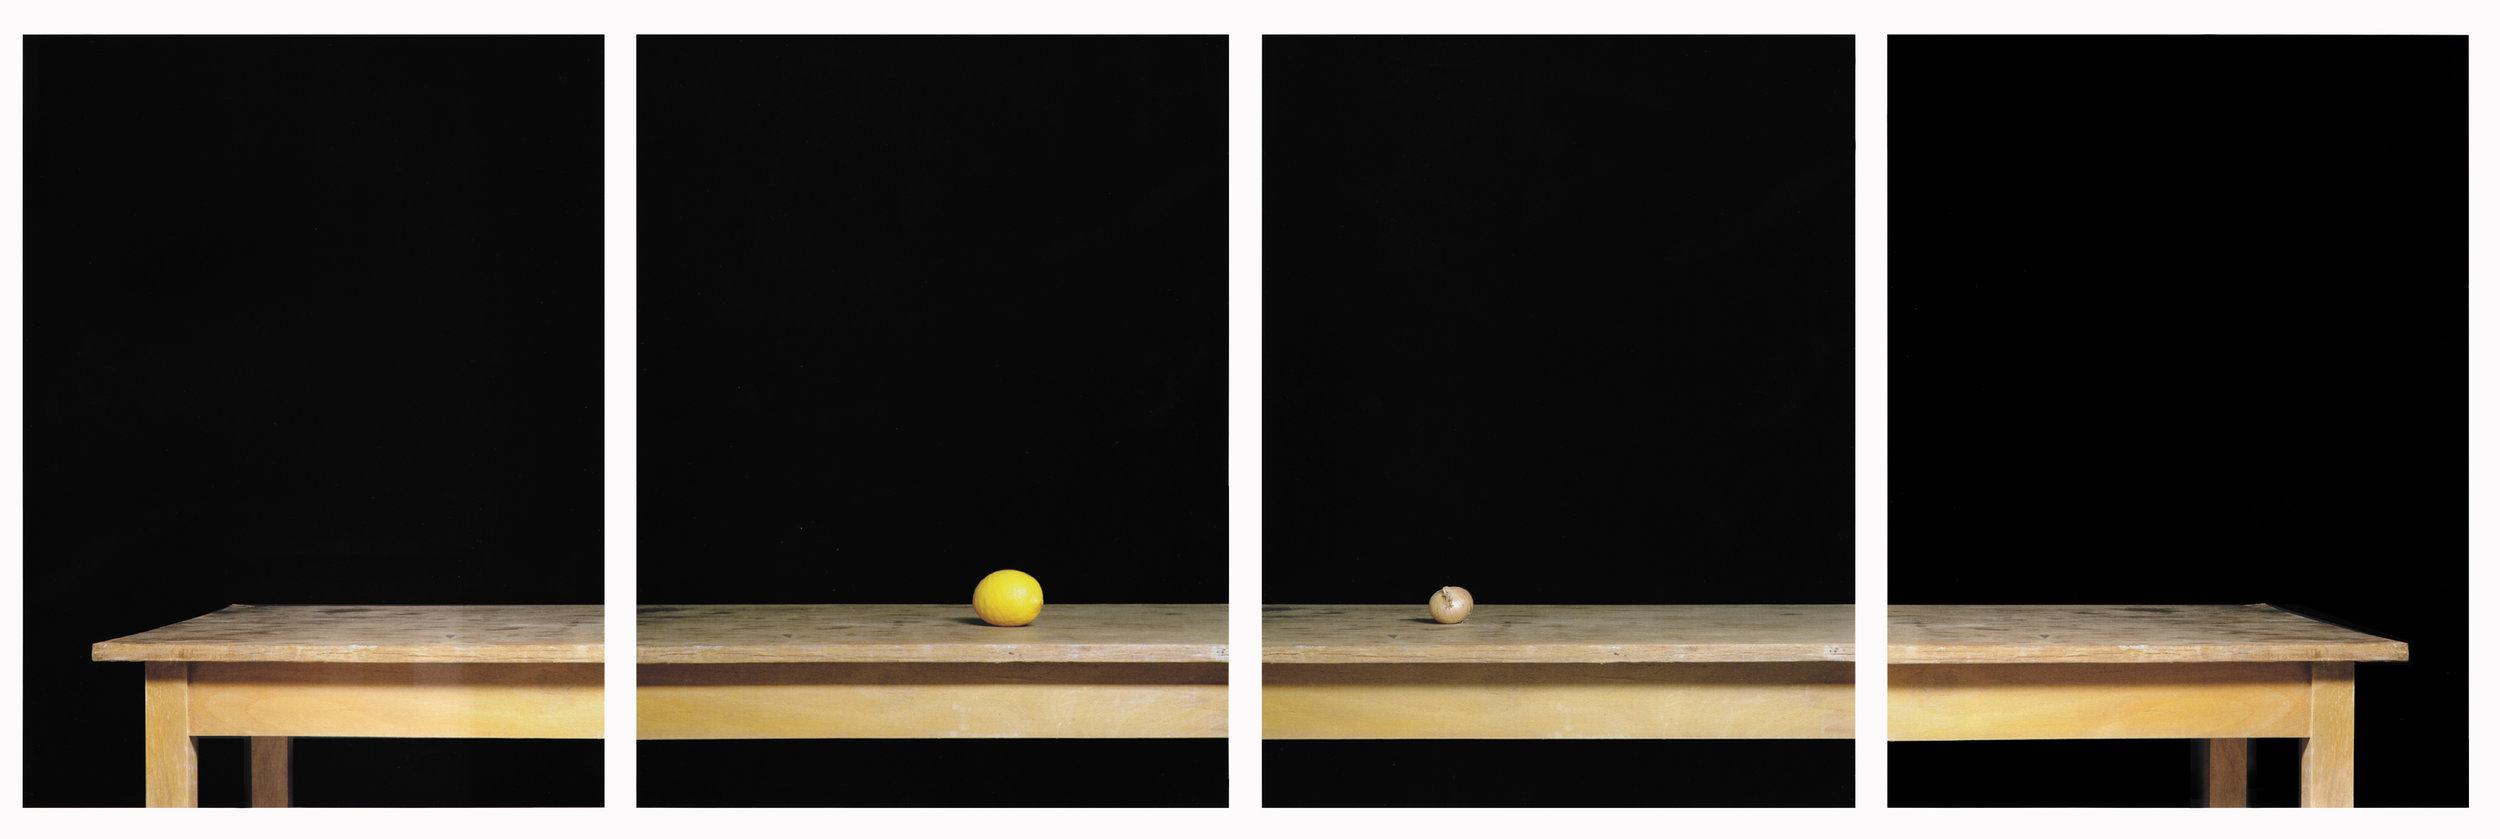 Zitrone und Zwiebel | Nadin Maria Rüfenacht